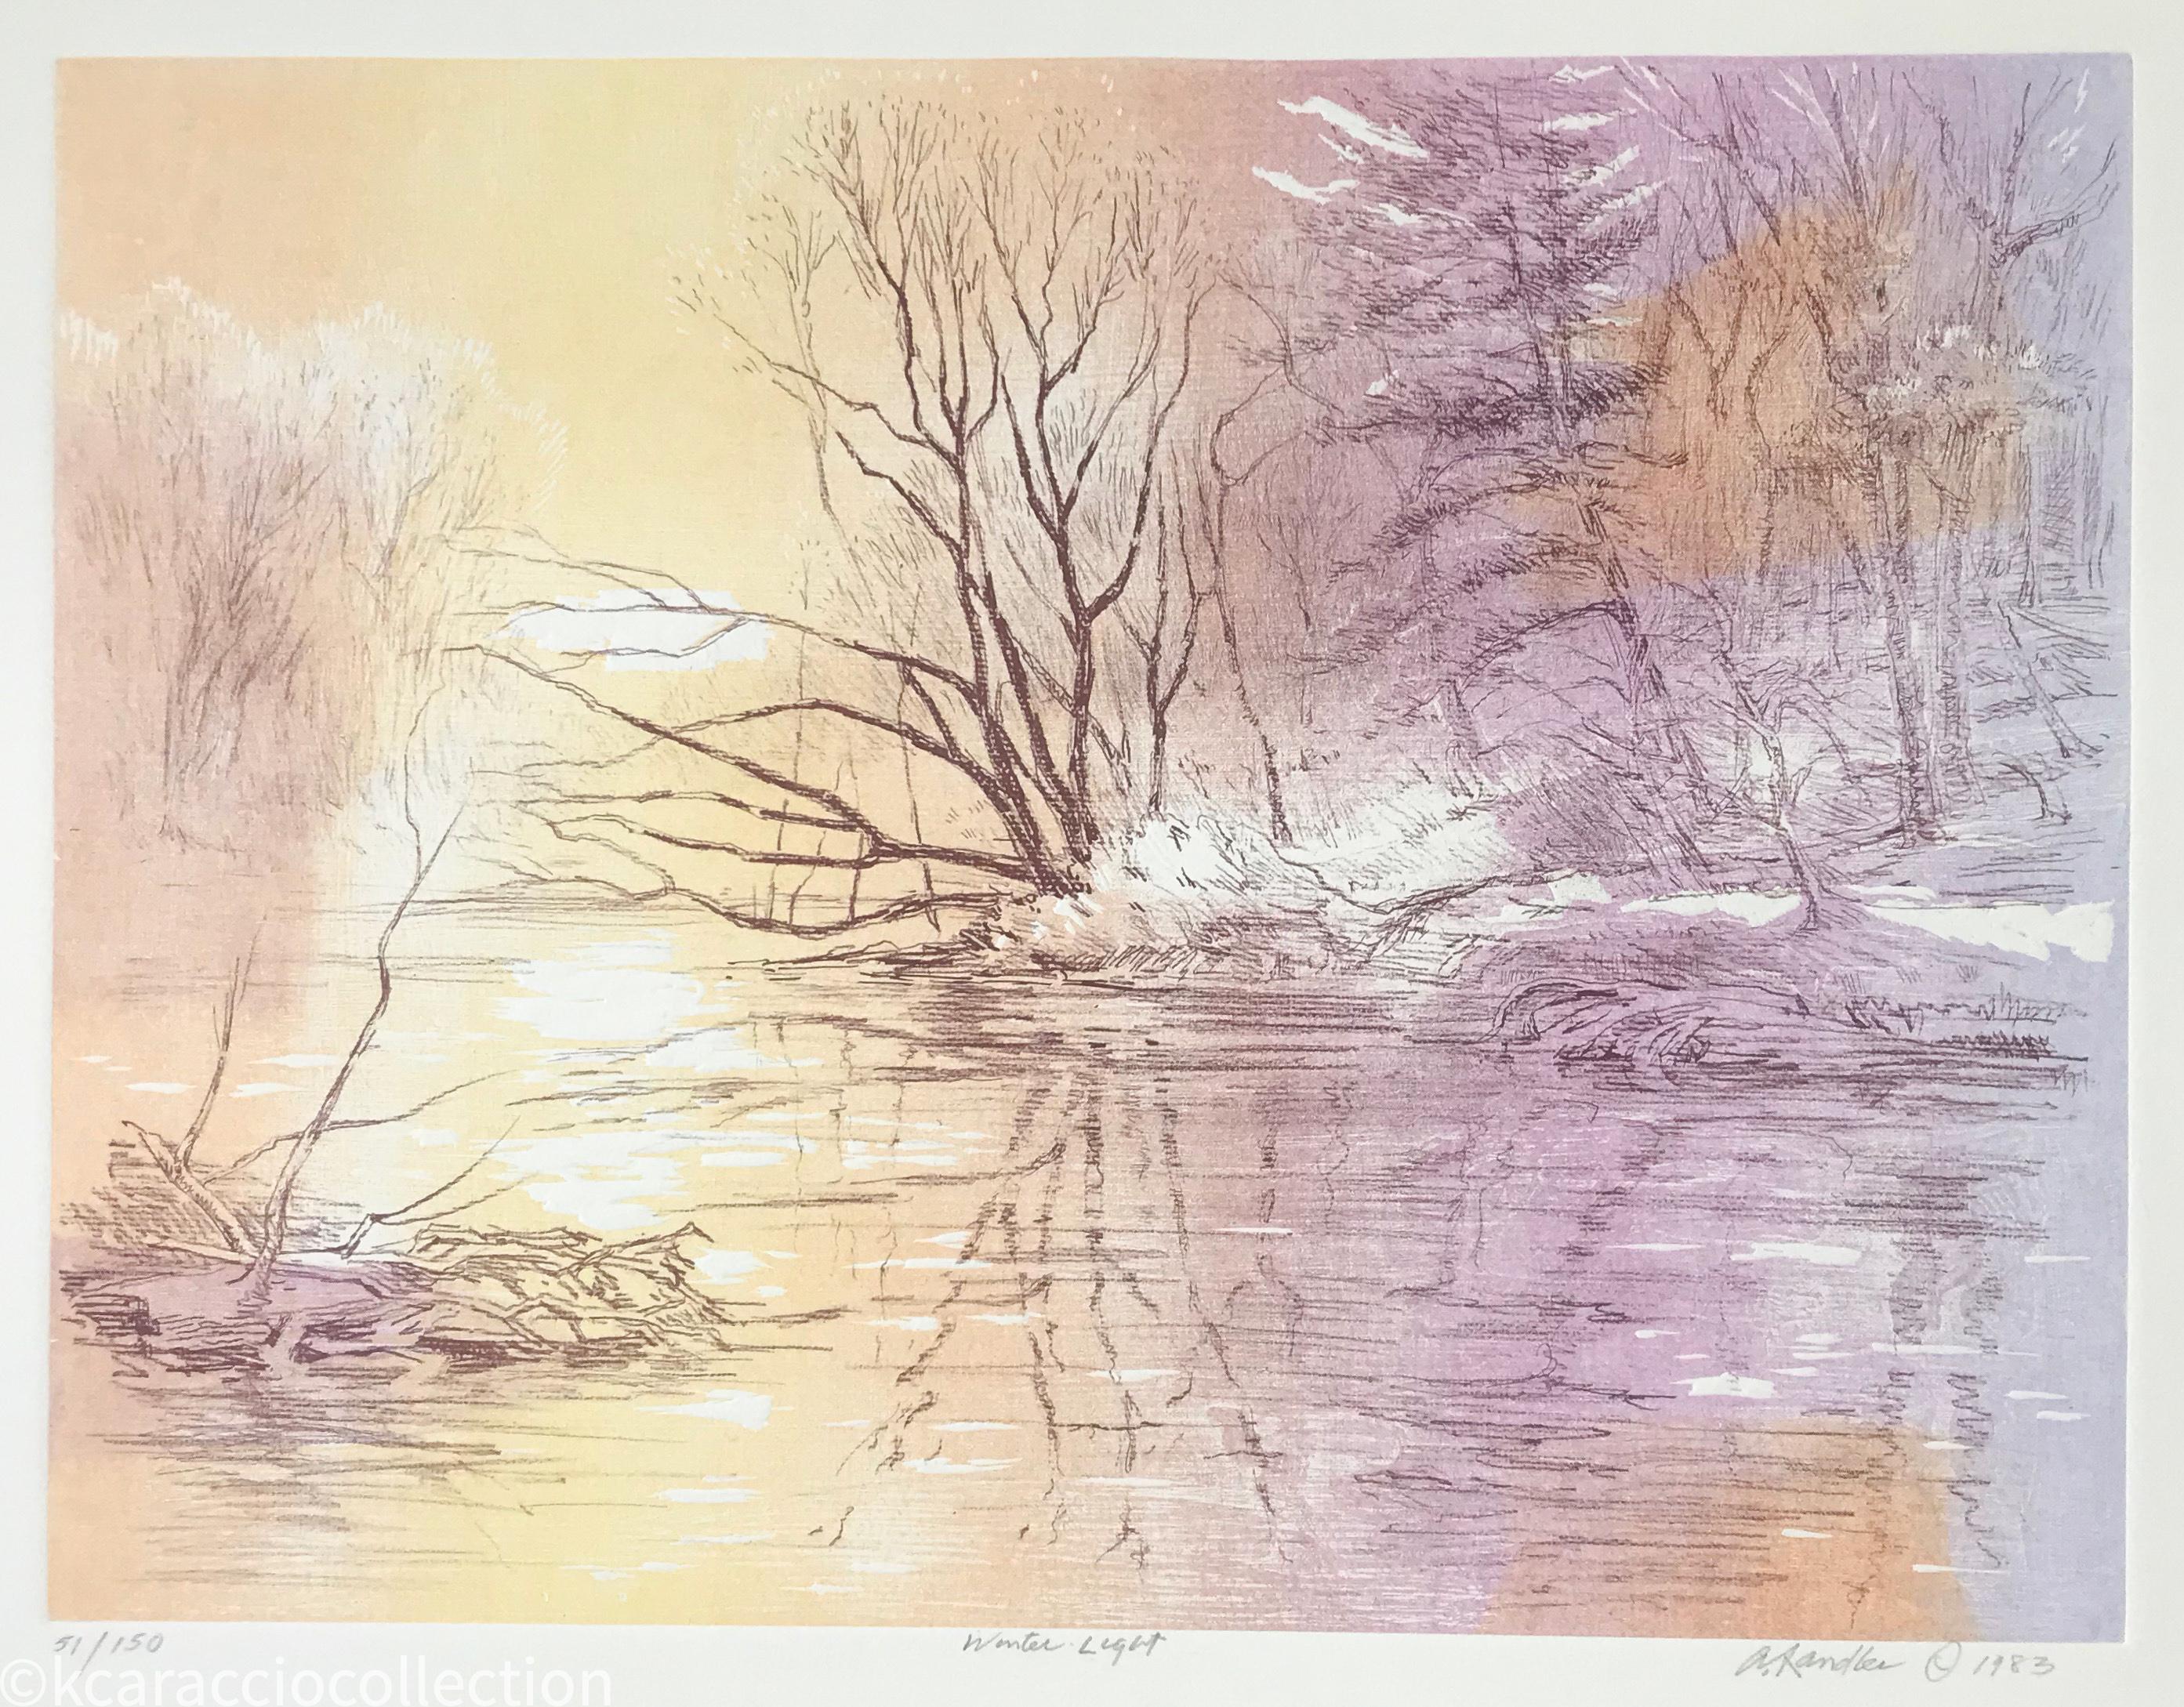 Winter Light, 1983